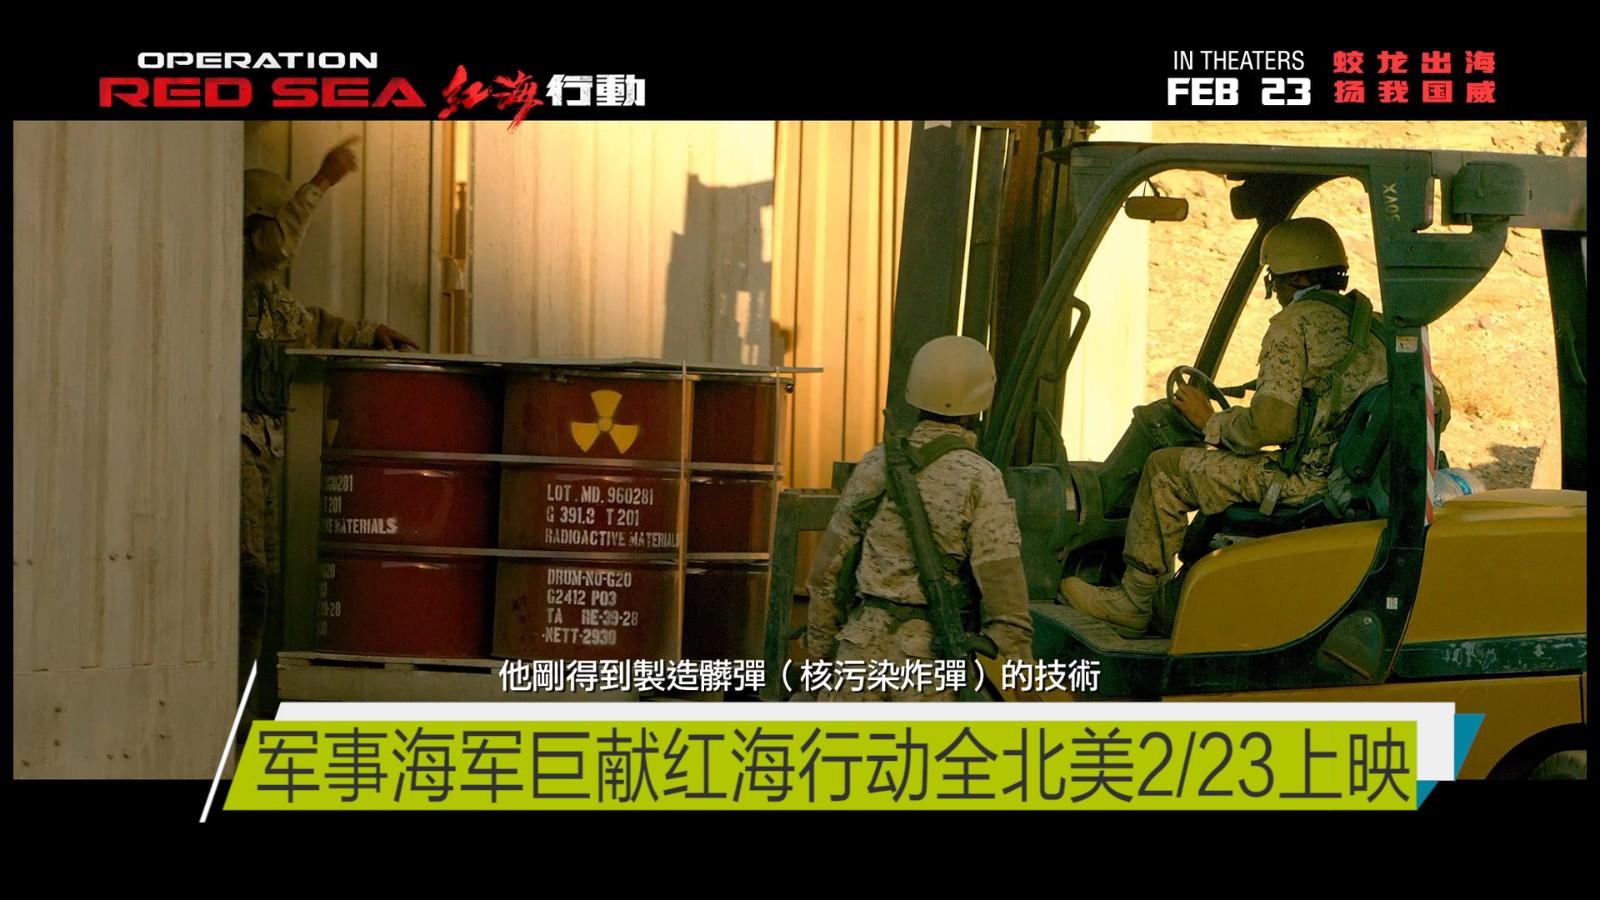 【视频】军事海军巨献红海行动 全北美2月23日上映